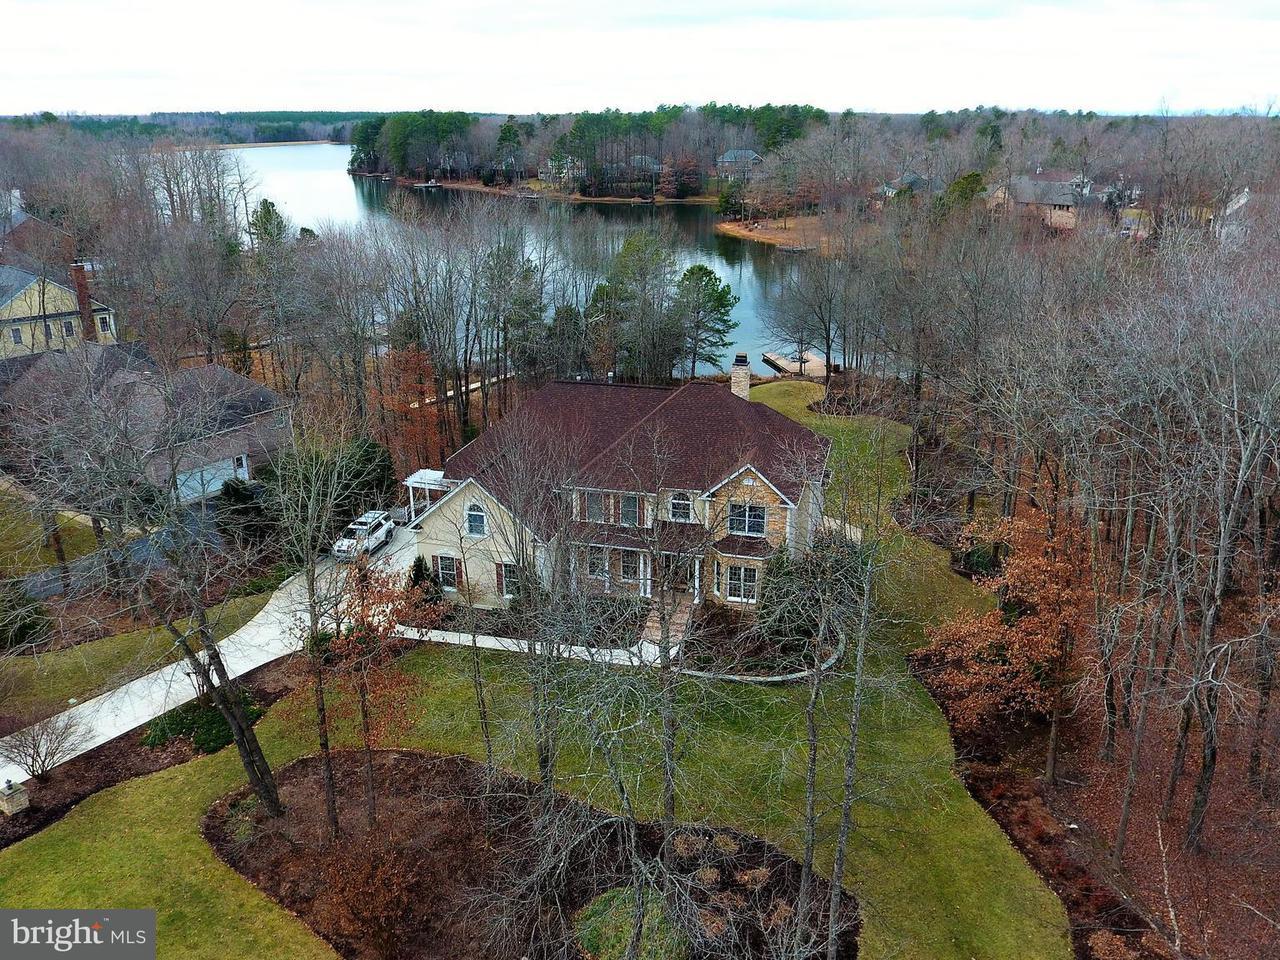 Частный односемейный дом для того Продажа на 11204 Fawn Lake Pkwy 11204 Fawn Lake Pkwy Spotsylvania, Виргиния 22551 Соединенные Штаты